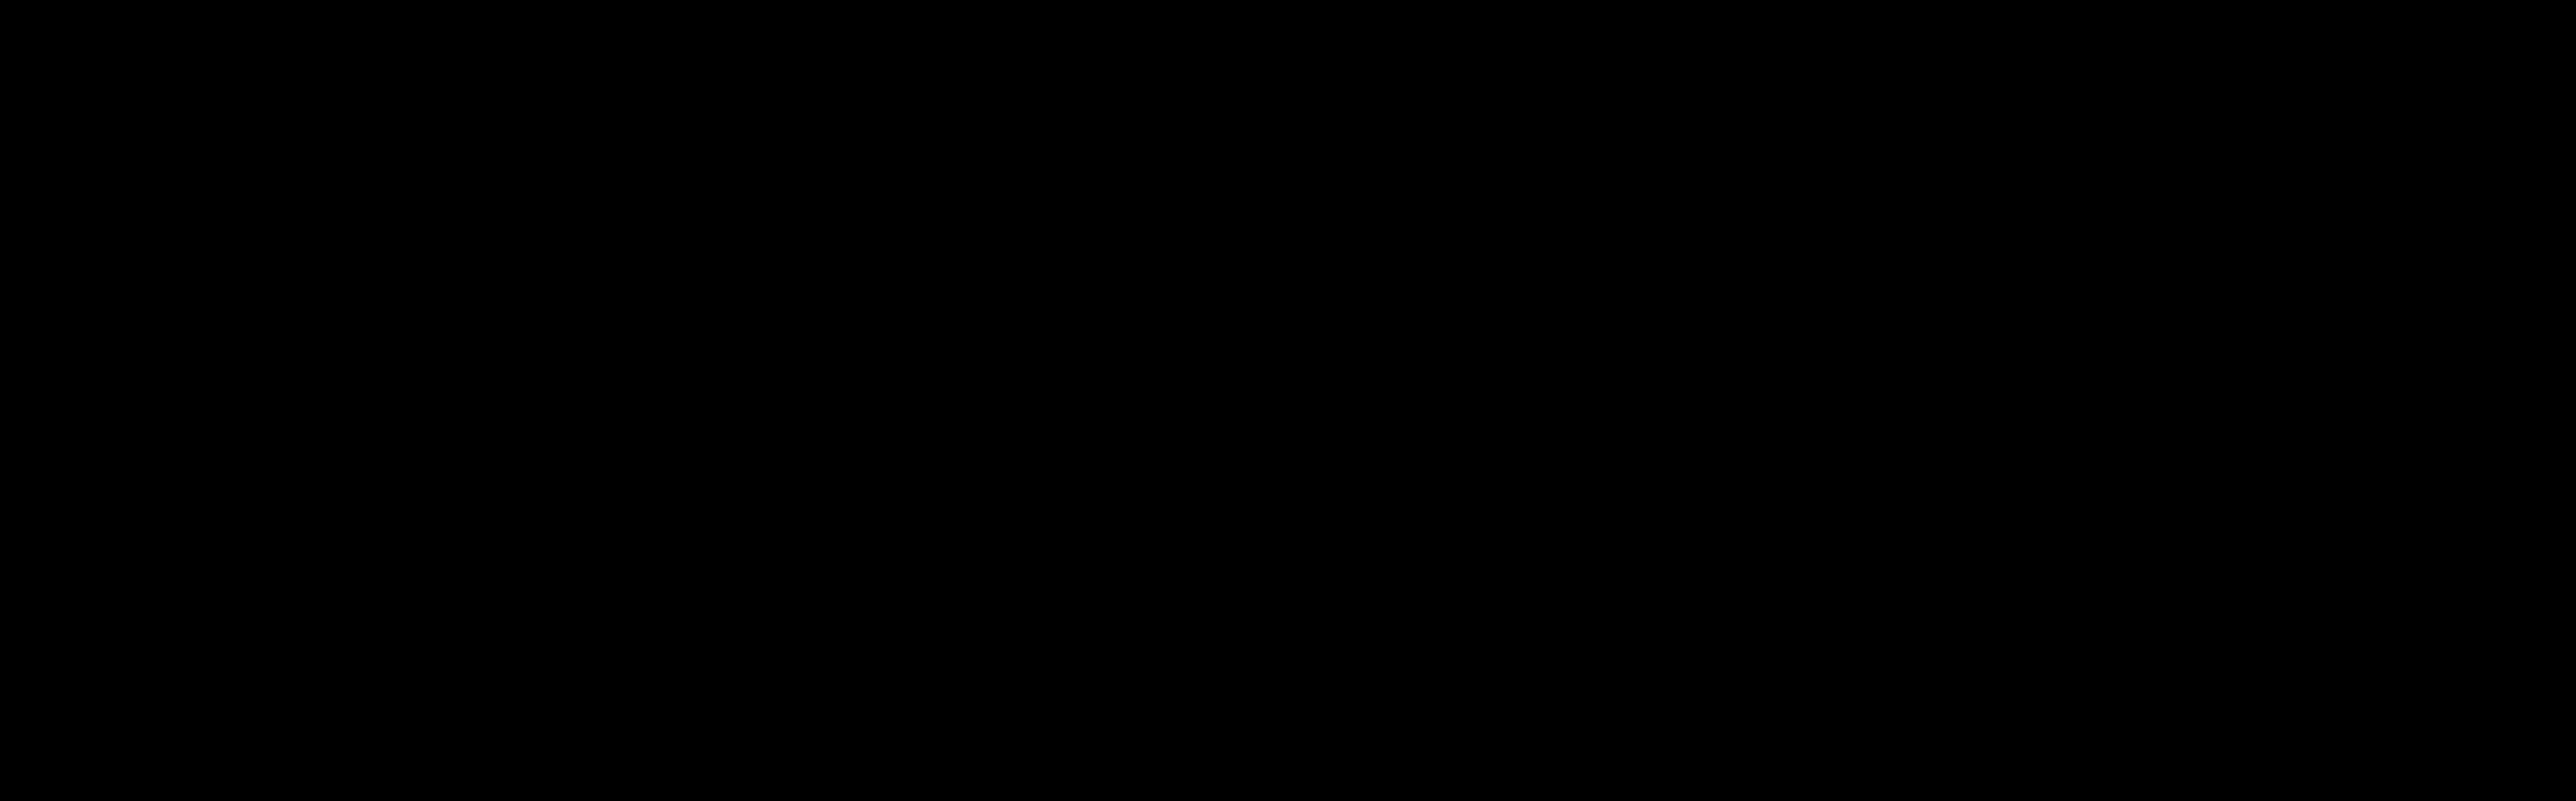 DMNワークショップ「THE FUTURE」